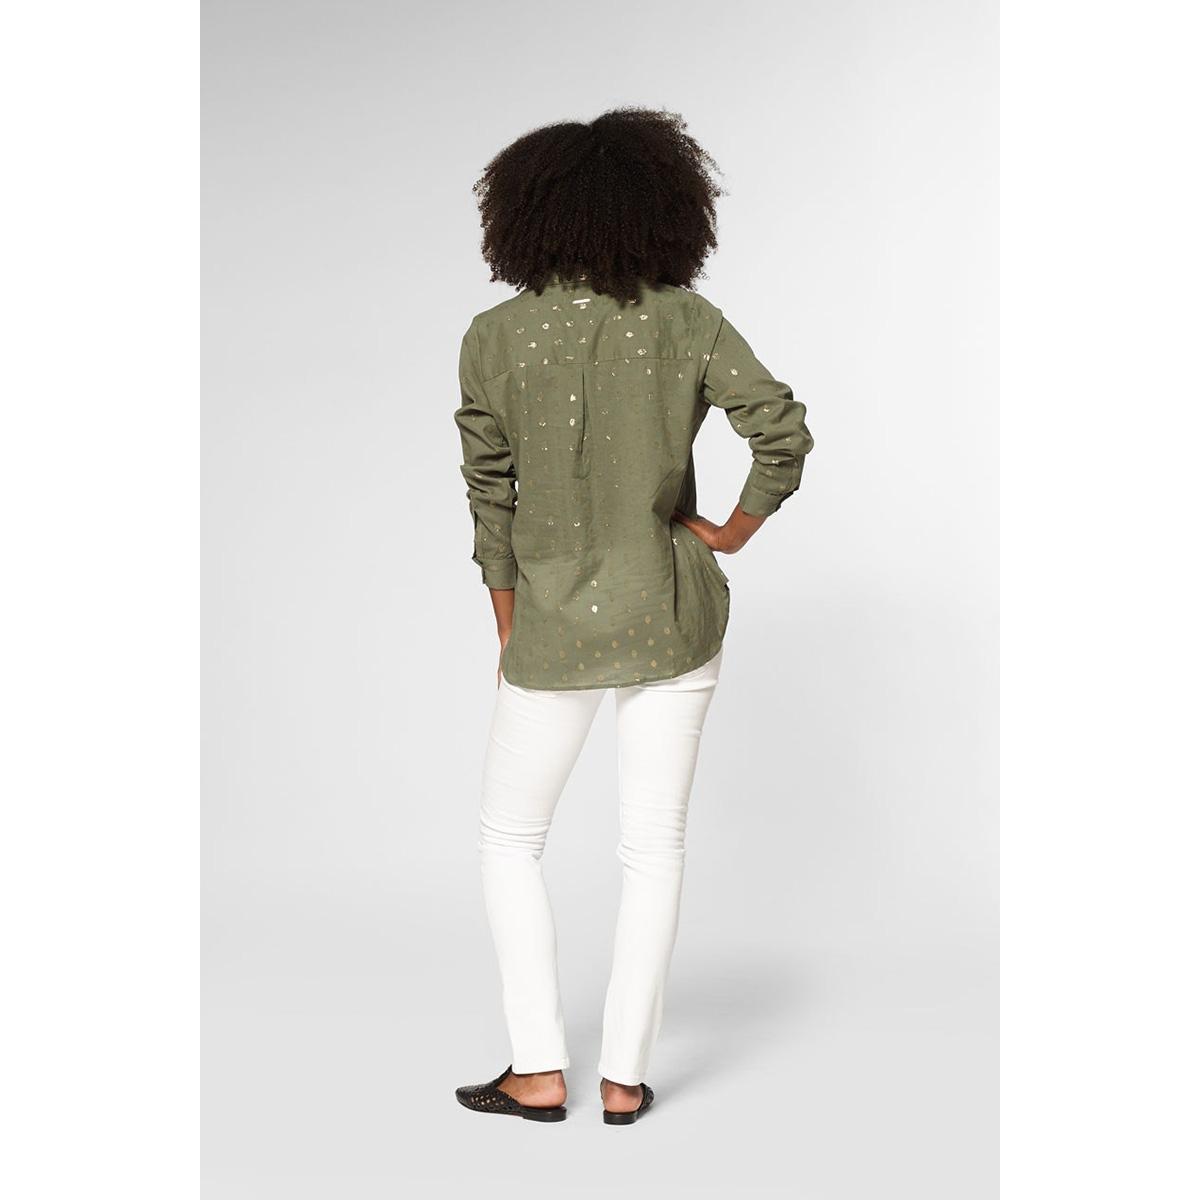 kiki blouse s20 52 3672 circle of trust blouse seaweed